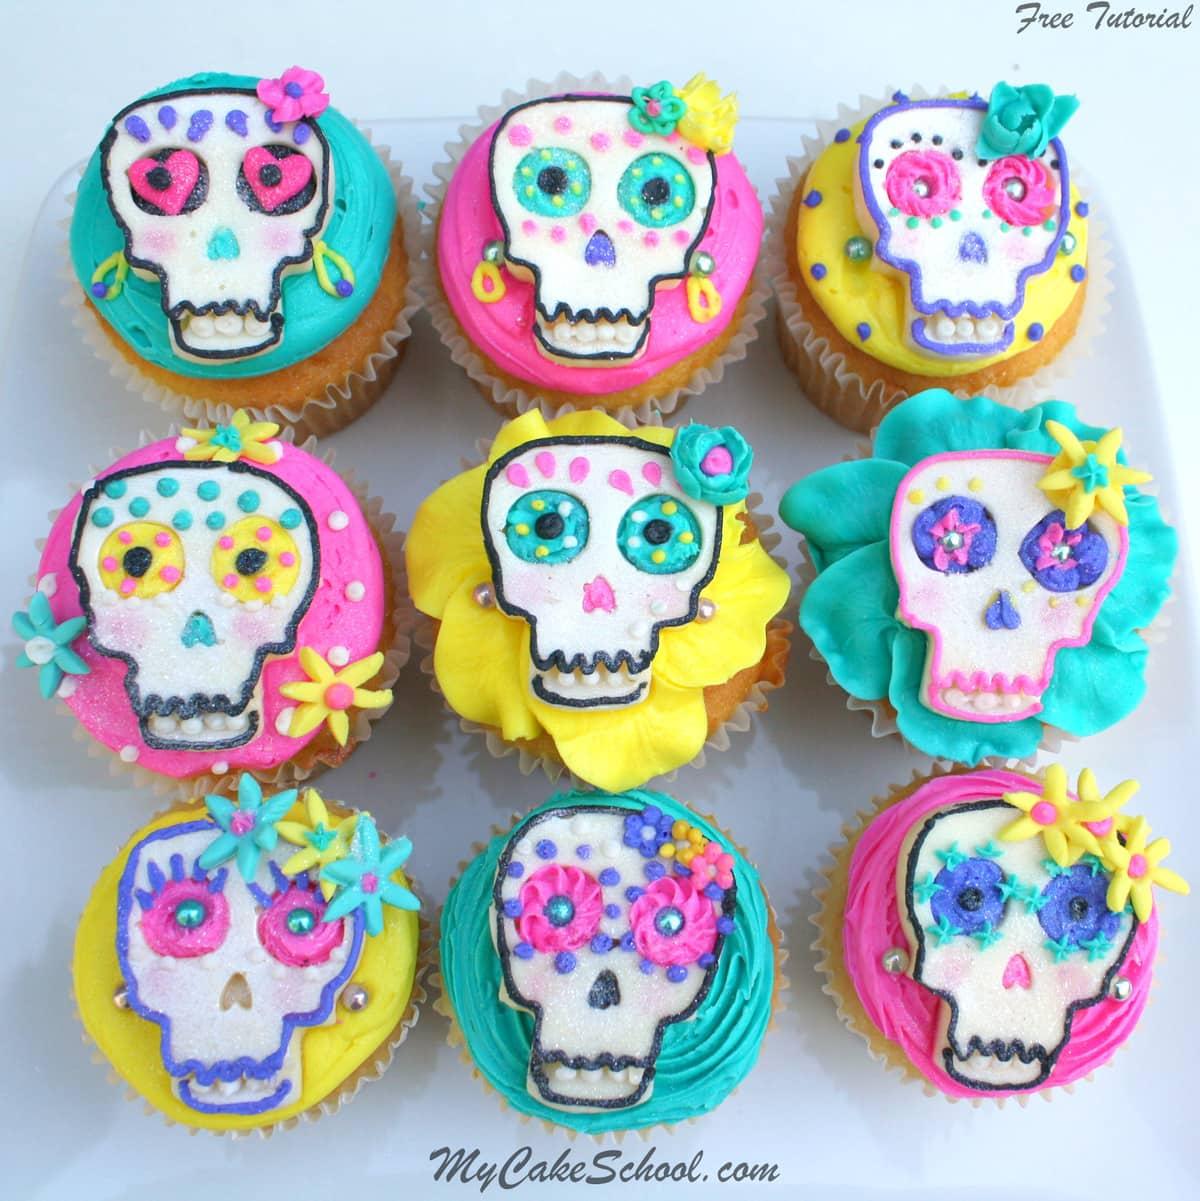 El Dia de los Muertos- Cupcake Tutorial by MyCakeSchool.com!